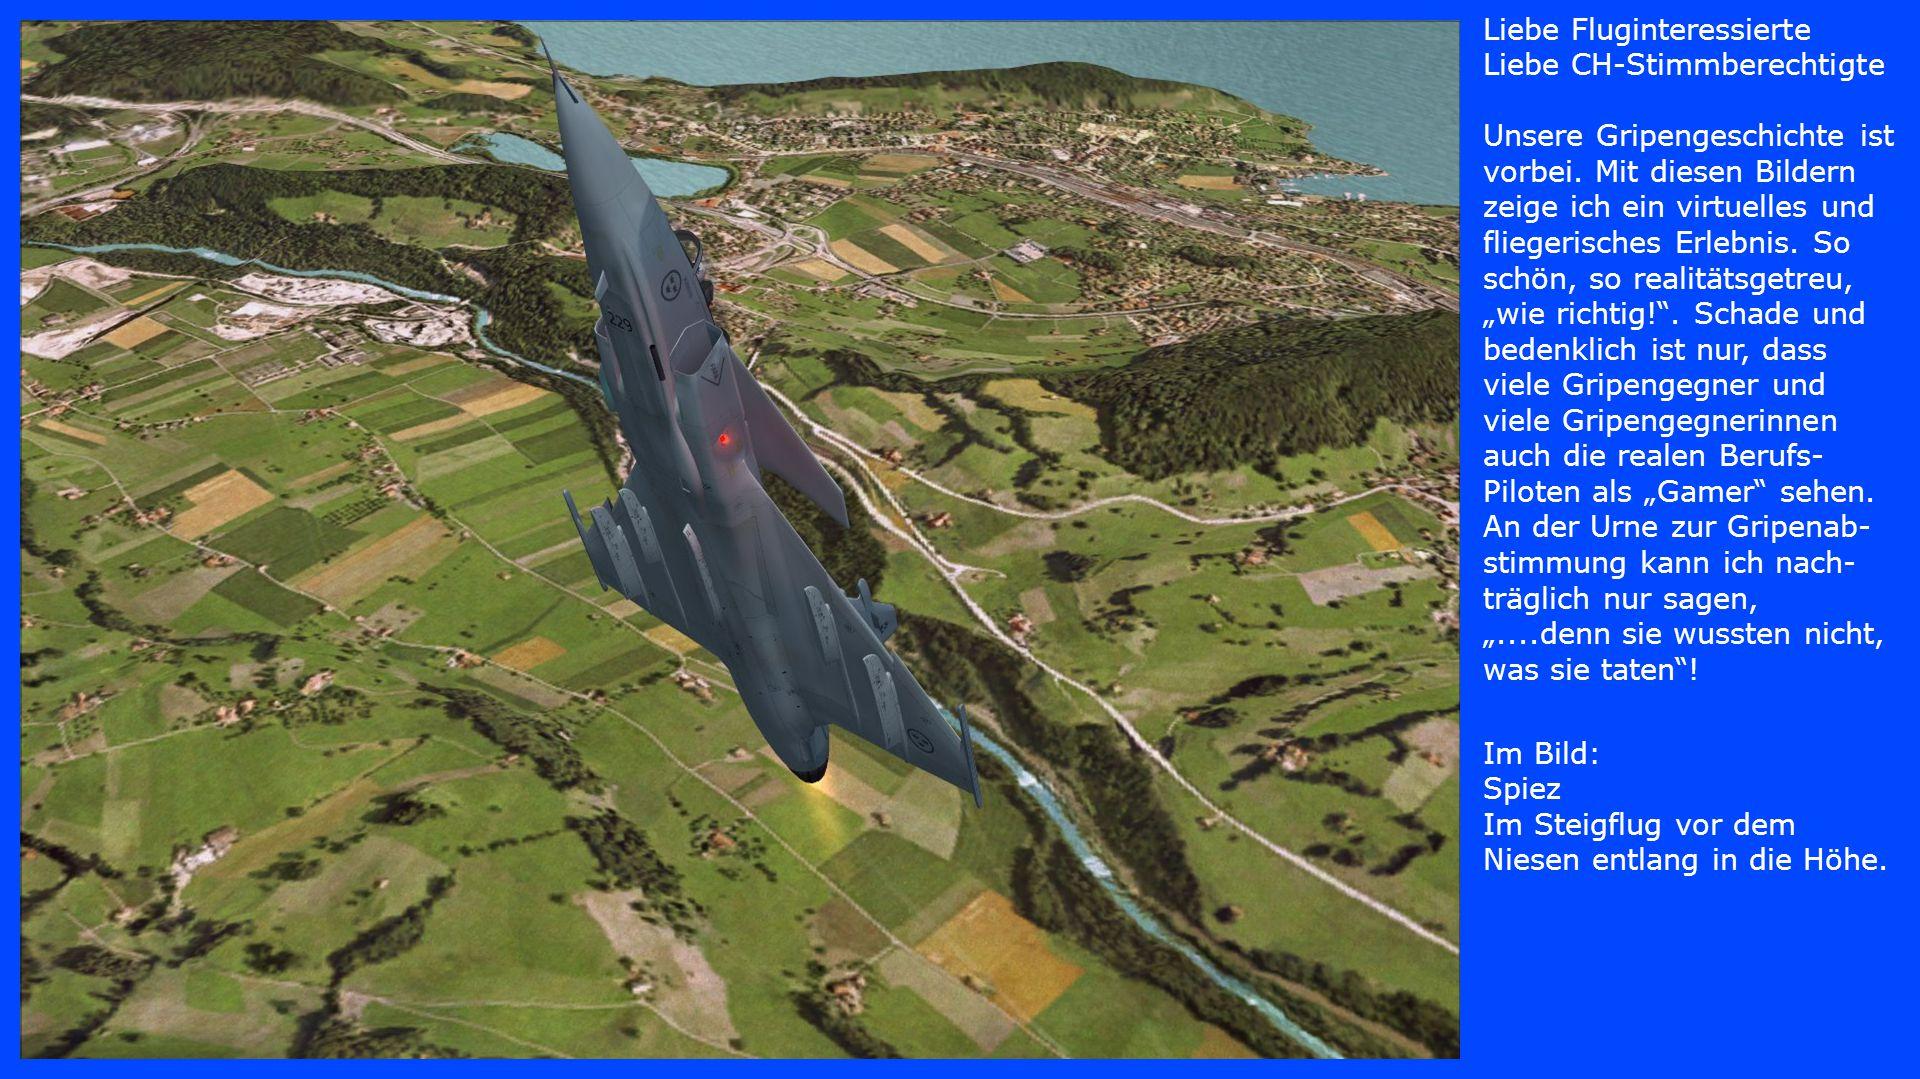 Im Bild: Flugplatz Reichenbach Nach halbem Looping auf dem Rücken über dem Niesen.